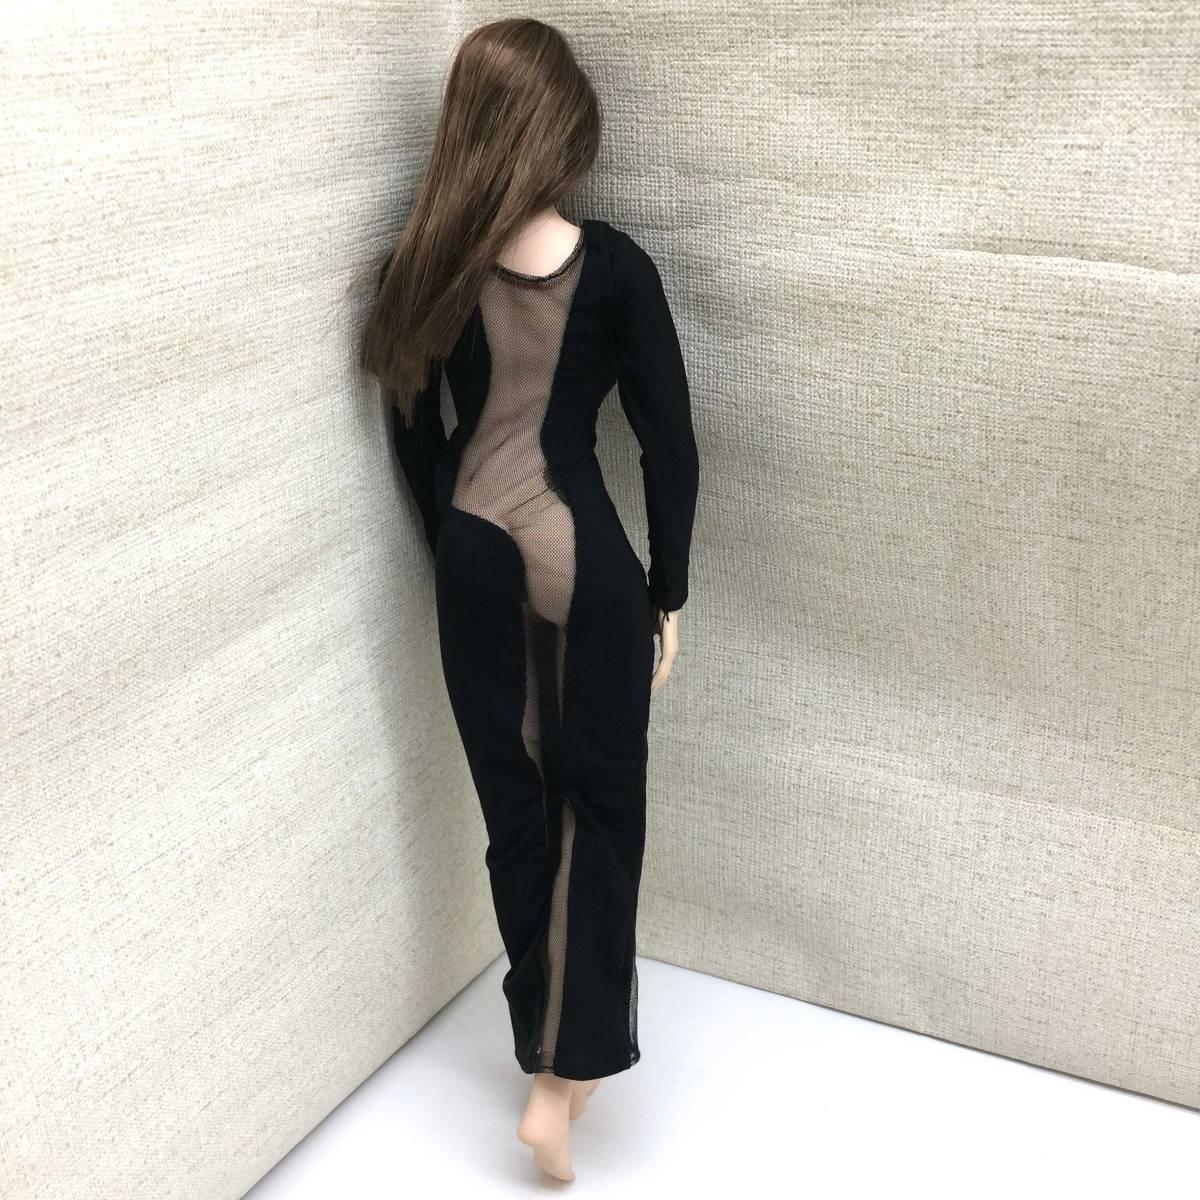 送料無料 美品 1/6サイズ PHICEN ファイセン素体対応 女性フィギュア用 ドレス 番号A58_画像4